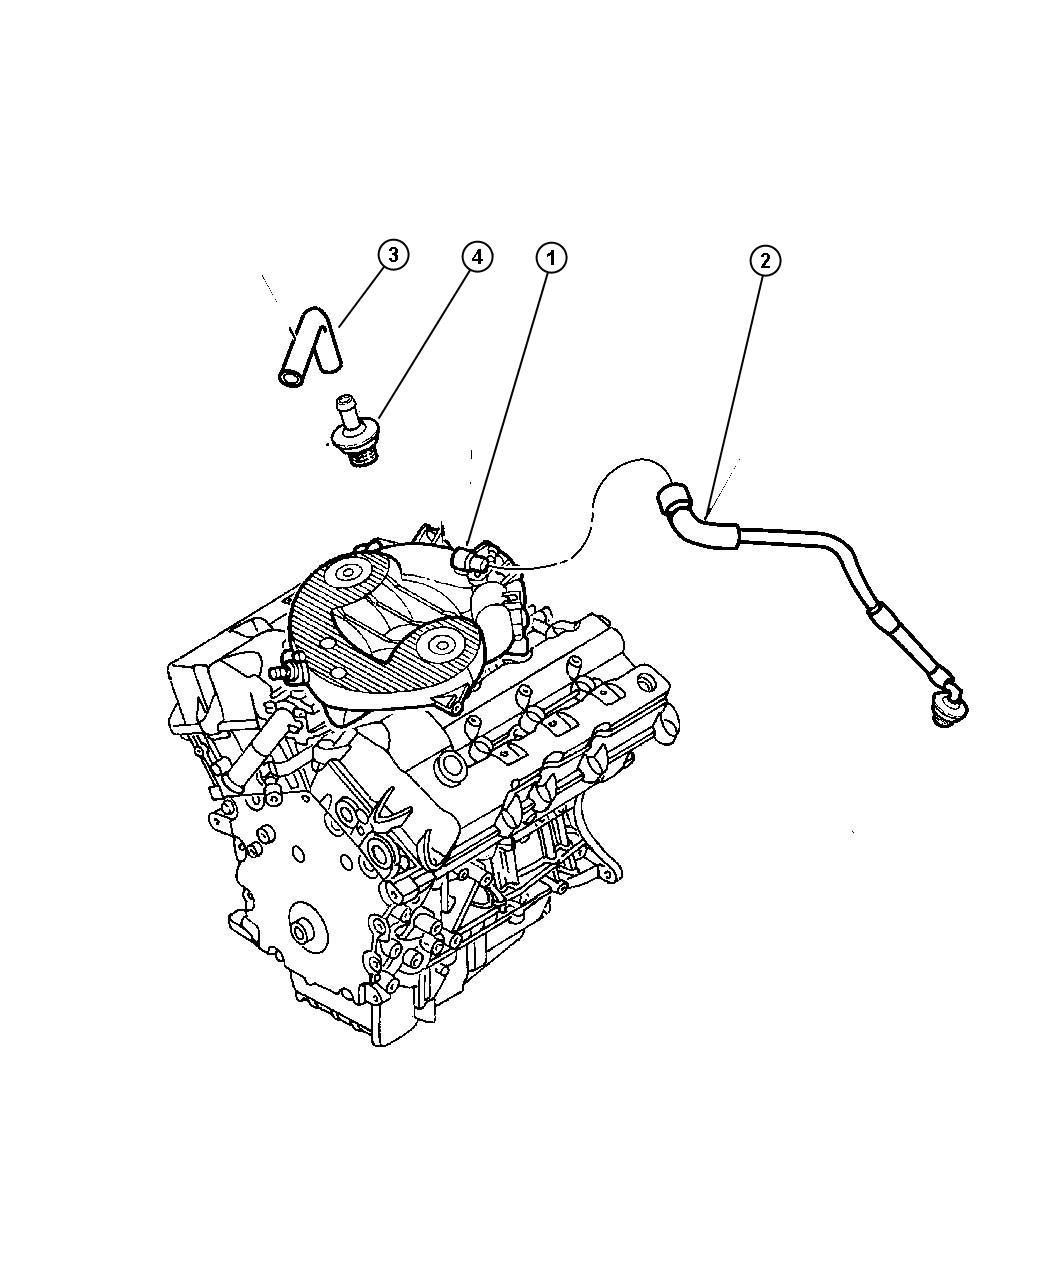 Dodge Intrepid Crankcase Ventilation 2 7l Engine